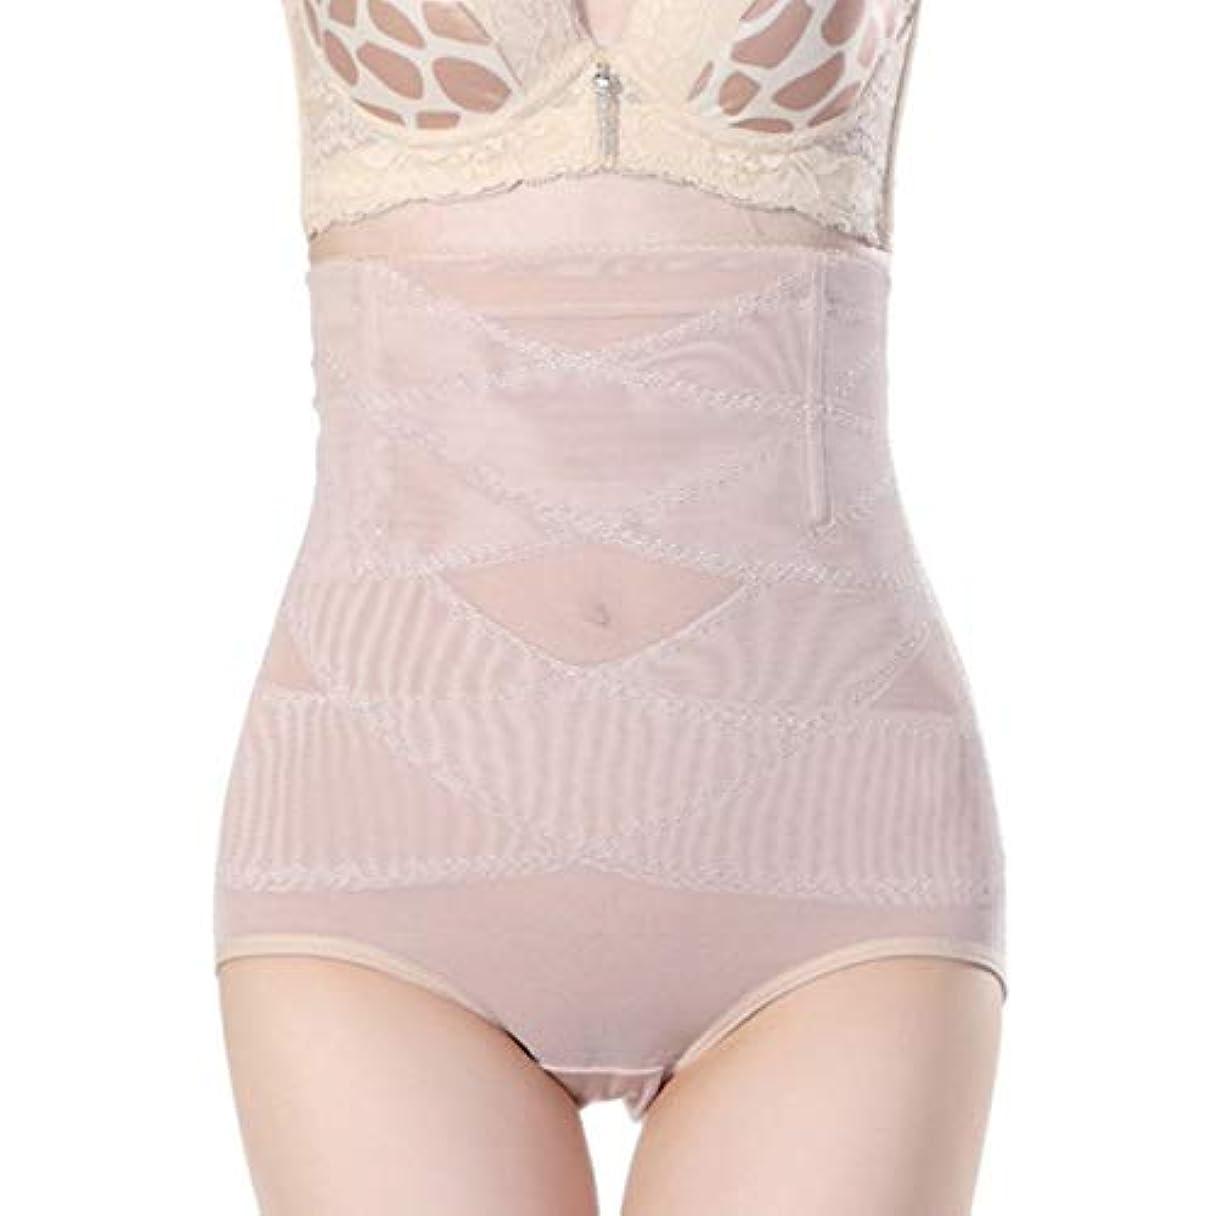 小康簡単にこっそり腹部制御下着シームレスおなかコントロールパンティーバットリフターボディシェイパーを痩身通気性のハイウエストの女性 - 肌色3 XL